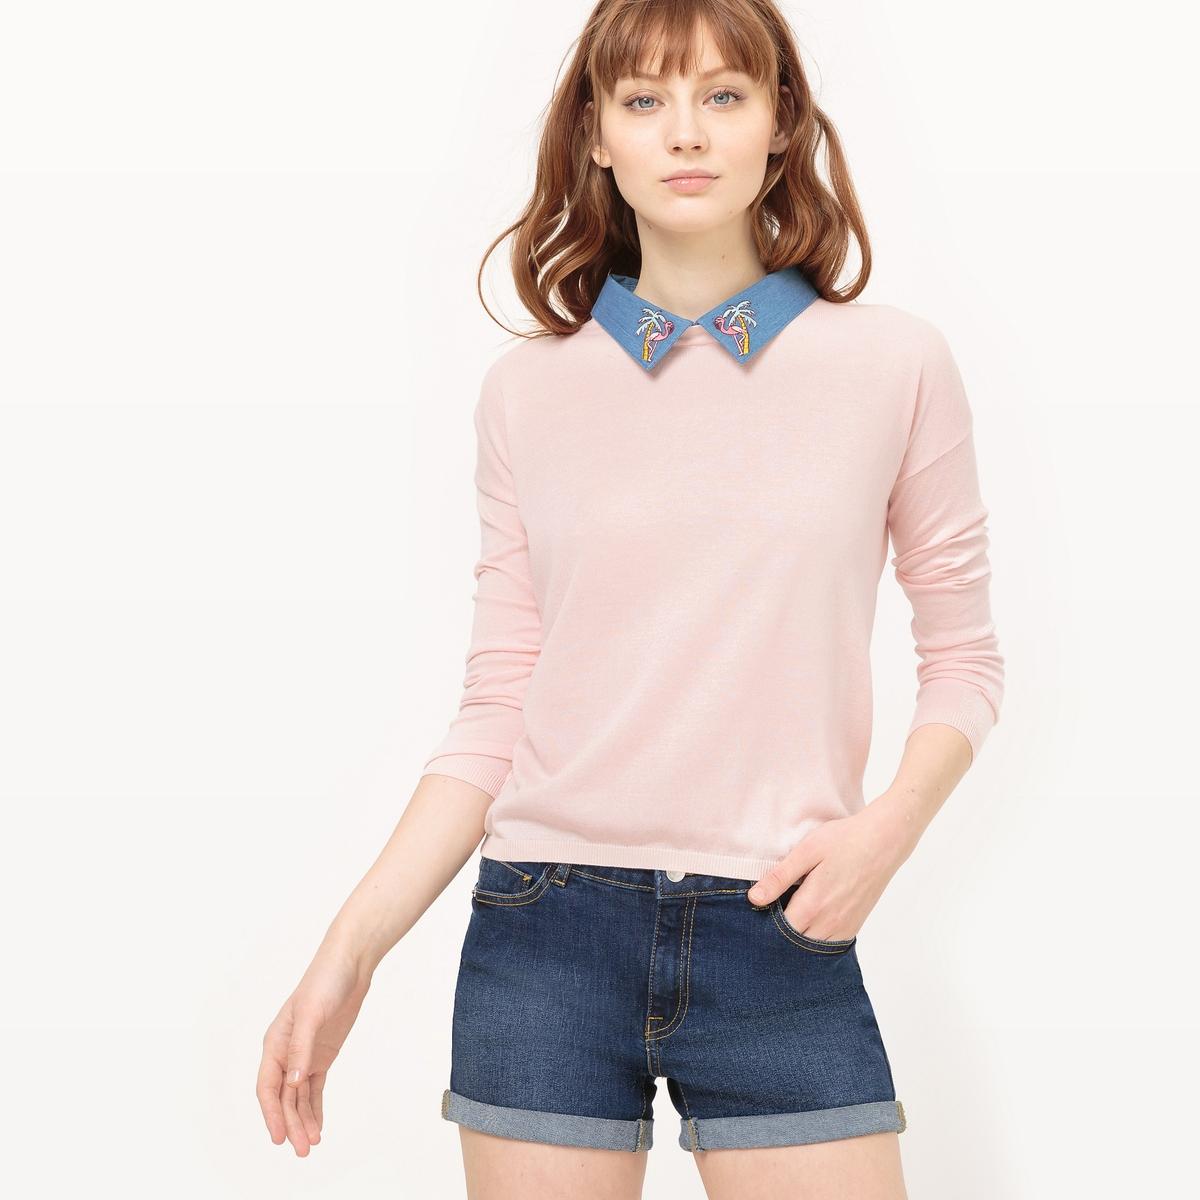 Пуловер с круглым вырезом из хлопкаДетали  •  Классическая модель •  Длинные рукава •  Круглый вырез •  Тонкий трикотажСостав и уход •  50% хлопка, 50% модала •  Следуйте советам по уходу, указанным на этикетке<br><br>Цвет: розовый<br>Размер: M.L